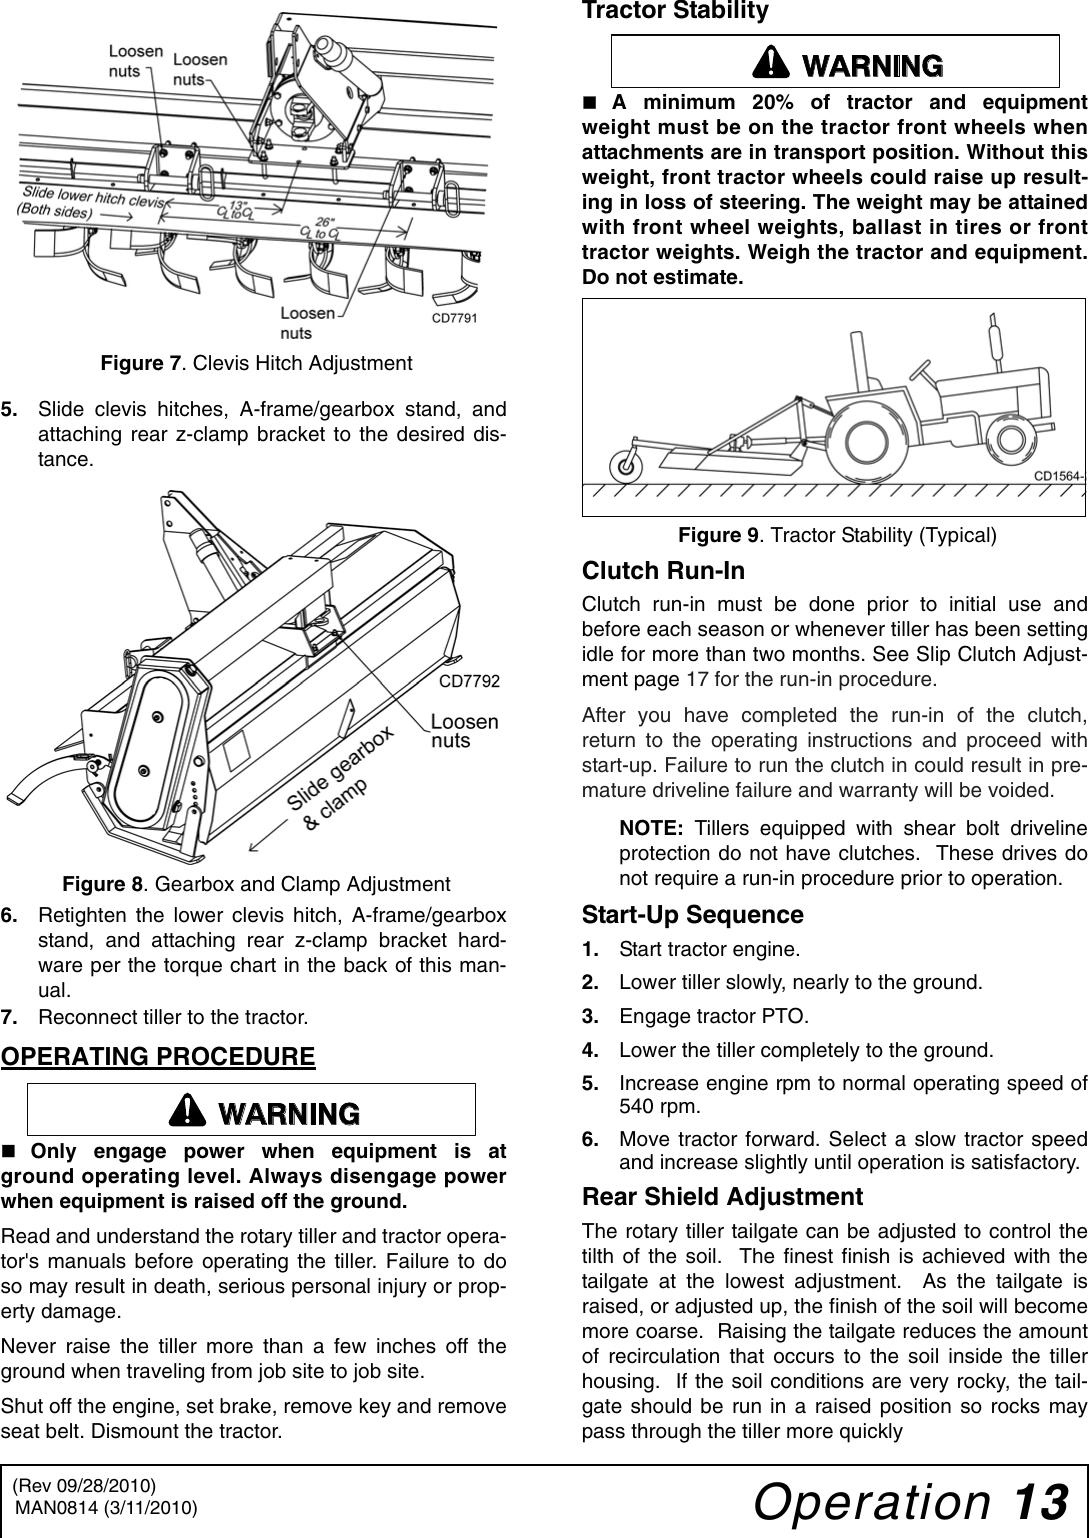 Woods Equipment Ts44 Users Manual MAN0814